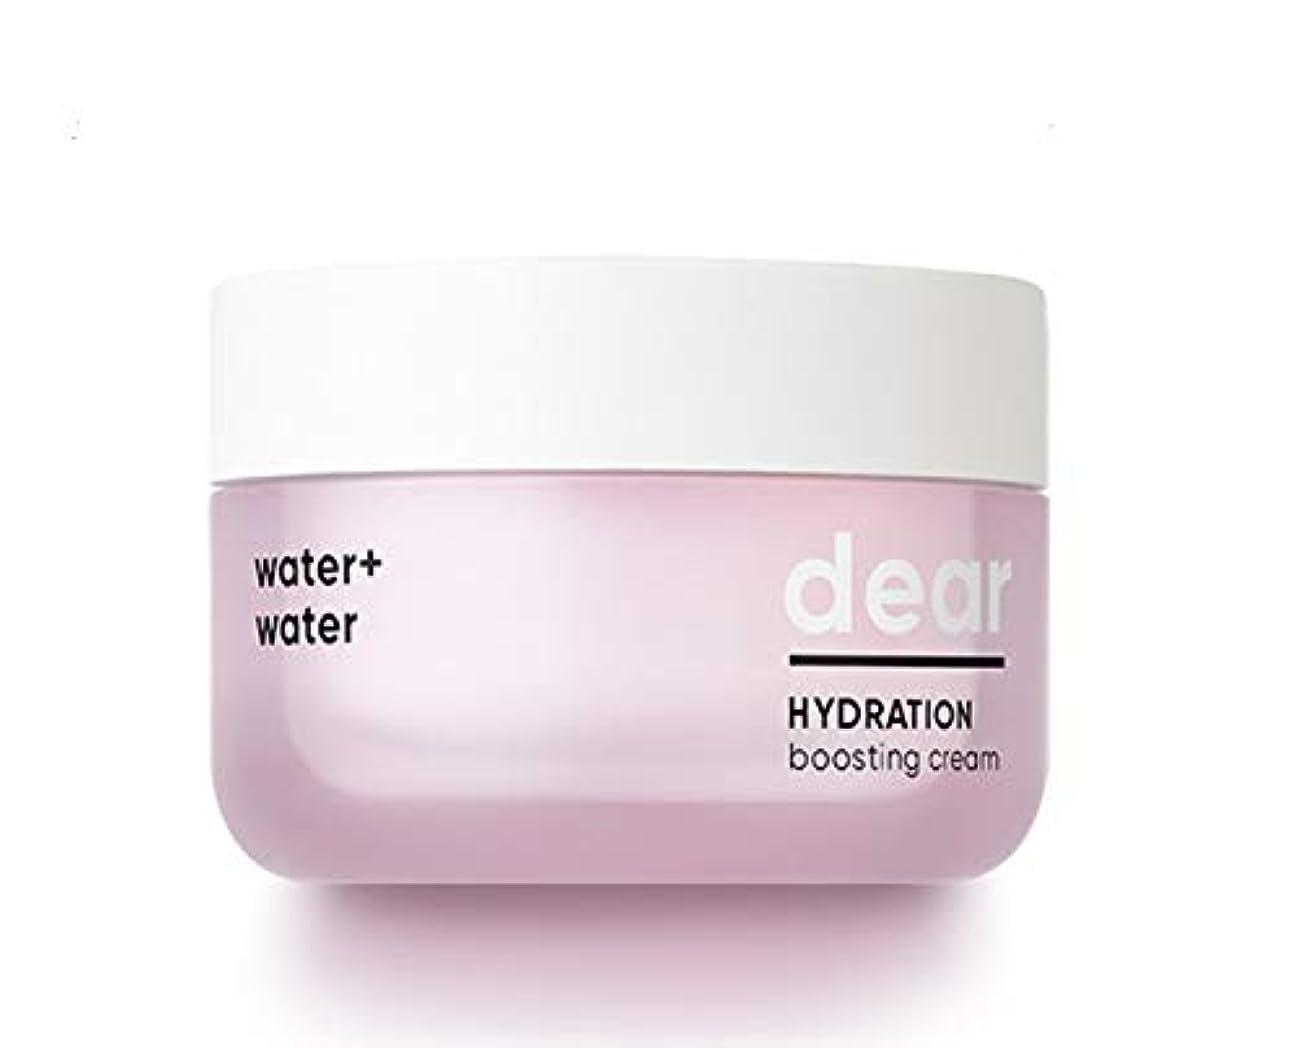 外側る許容できる[New] BANILA CO dear Hydration Boosting Cream 50ml / (Banila co) パニルラ鼻ディアハイドゥレイションブースティングクリーム50ml [並行輸入品]